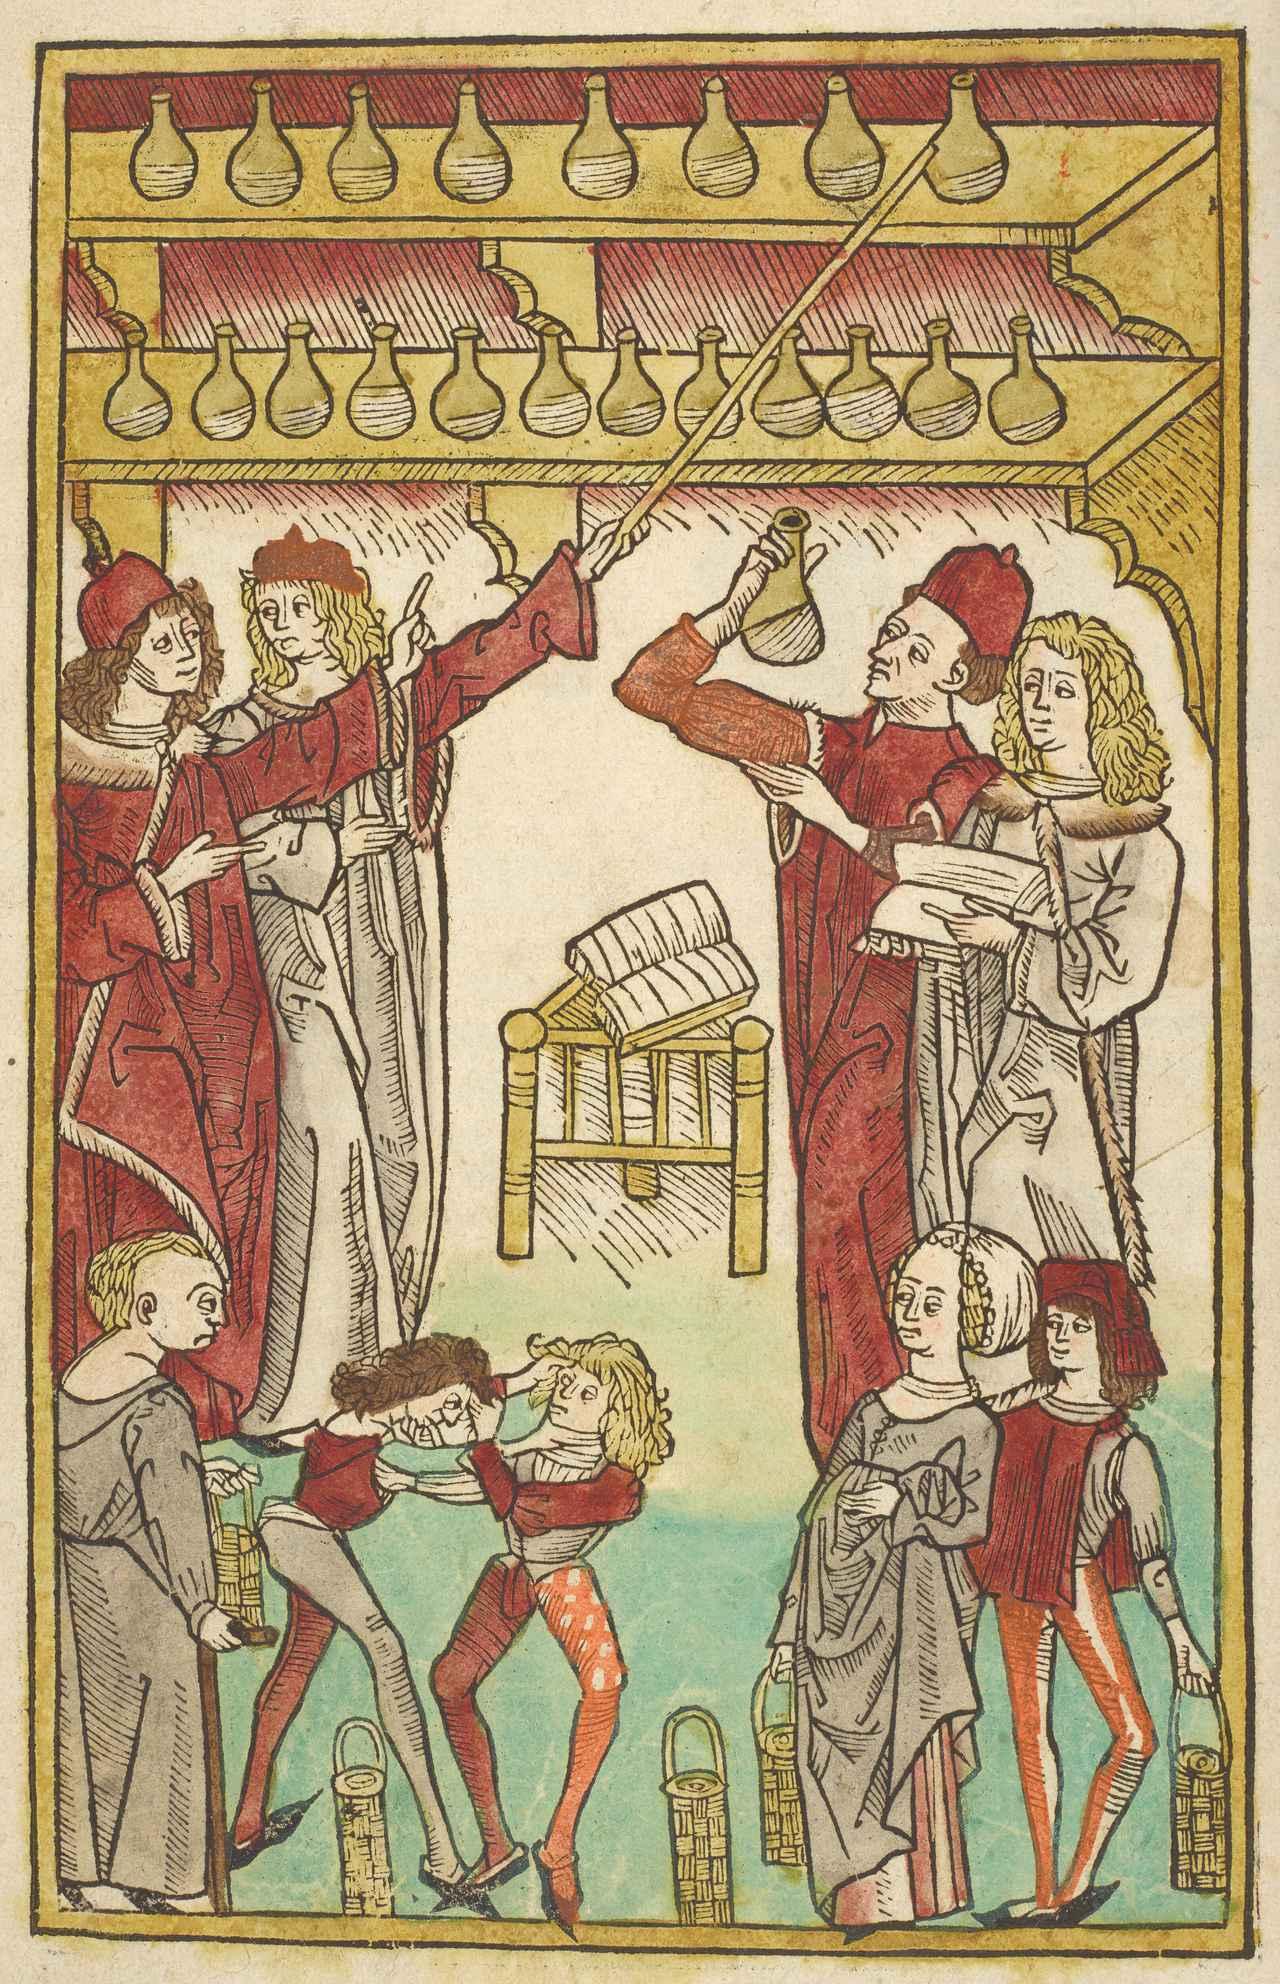 画像: ヤコブ・マイデンバッハ『健康の庭』 1491年 大英図書館蔵 ©British Library Board